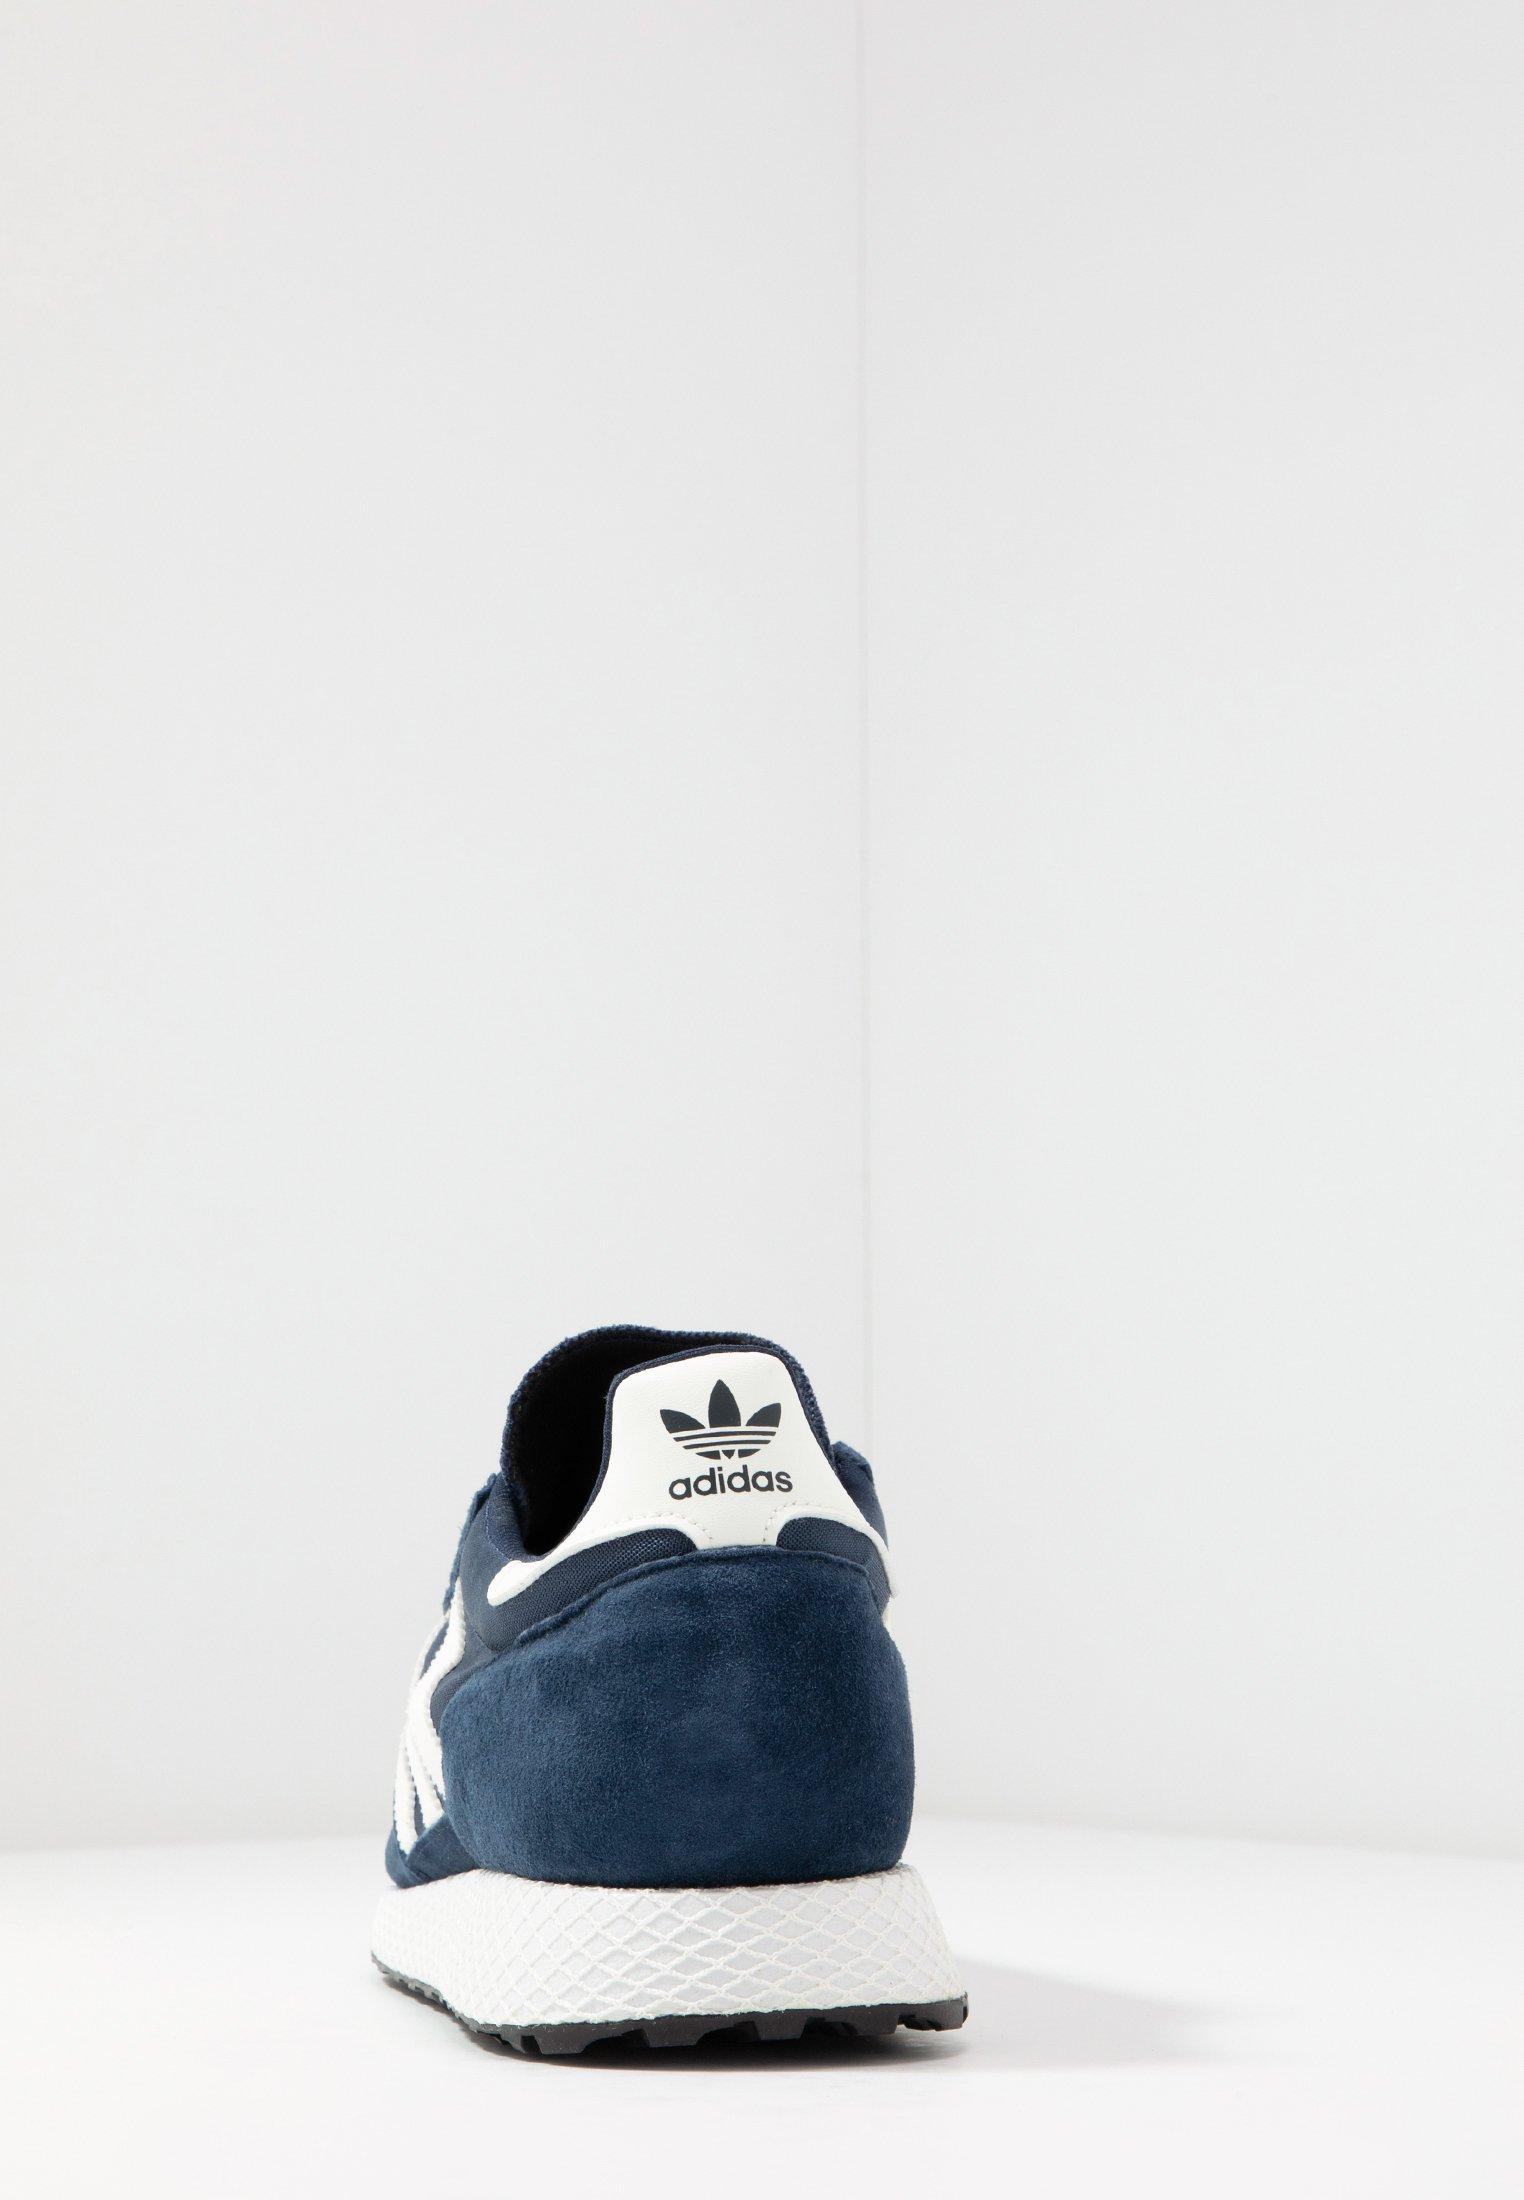 adidas Forest Grove Schuhe Herren weiß mit gelben Streifen